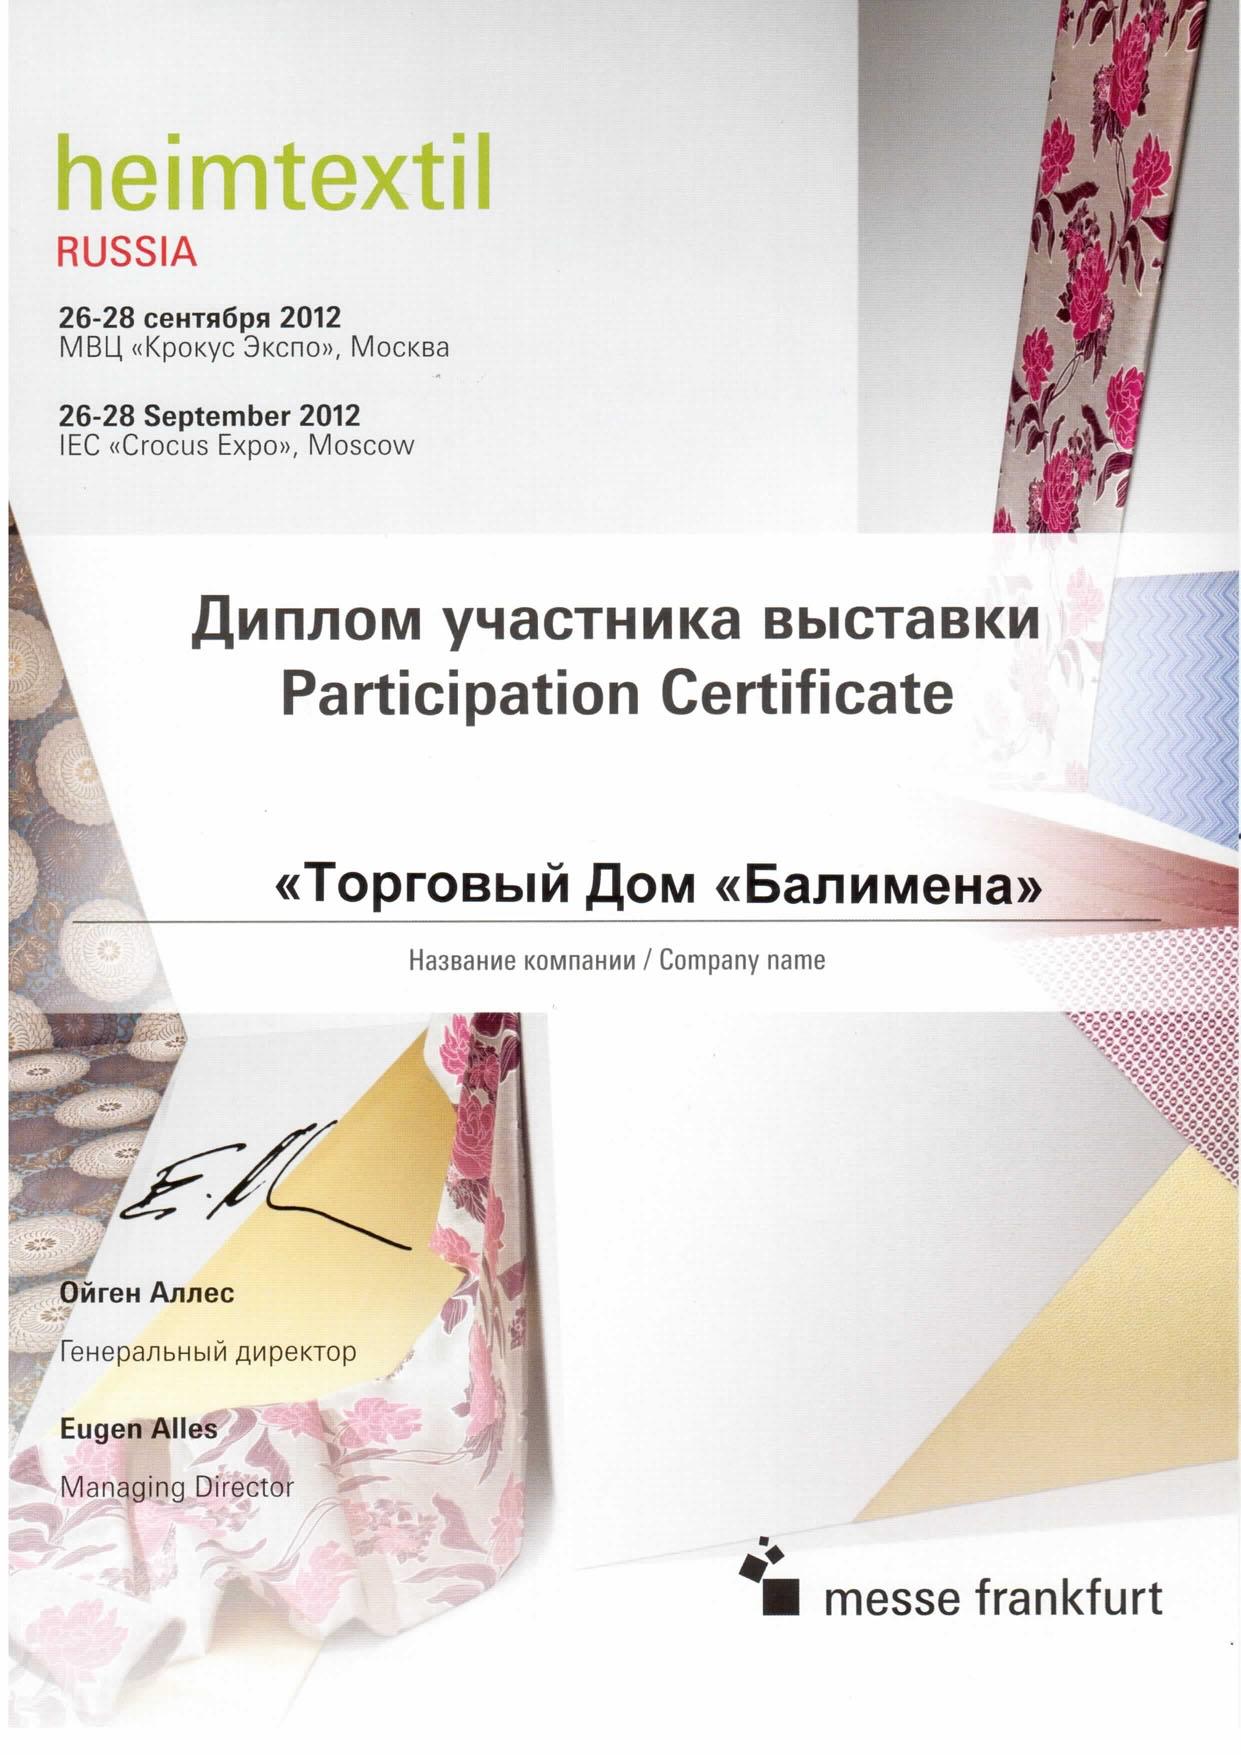 _20121001_10313007_3.jpg